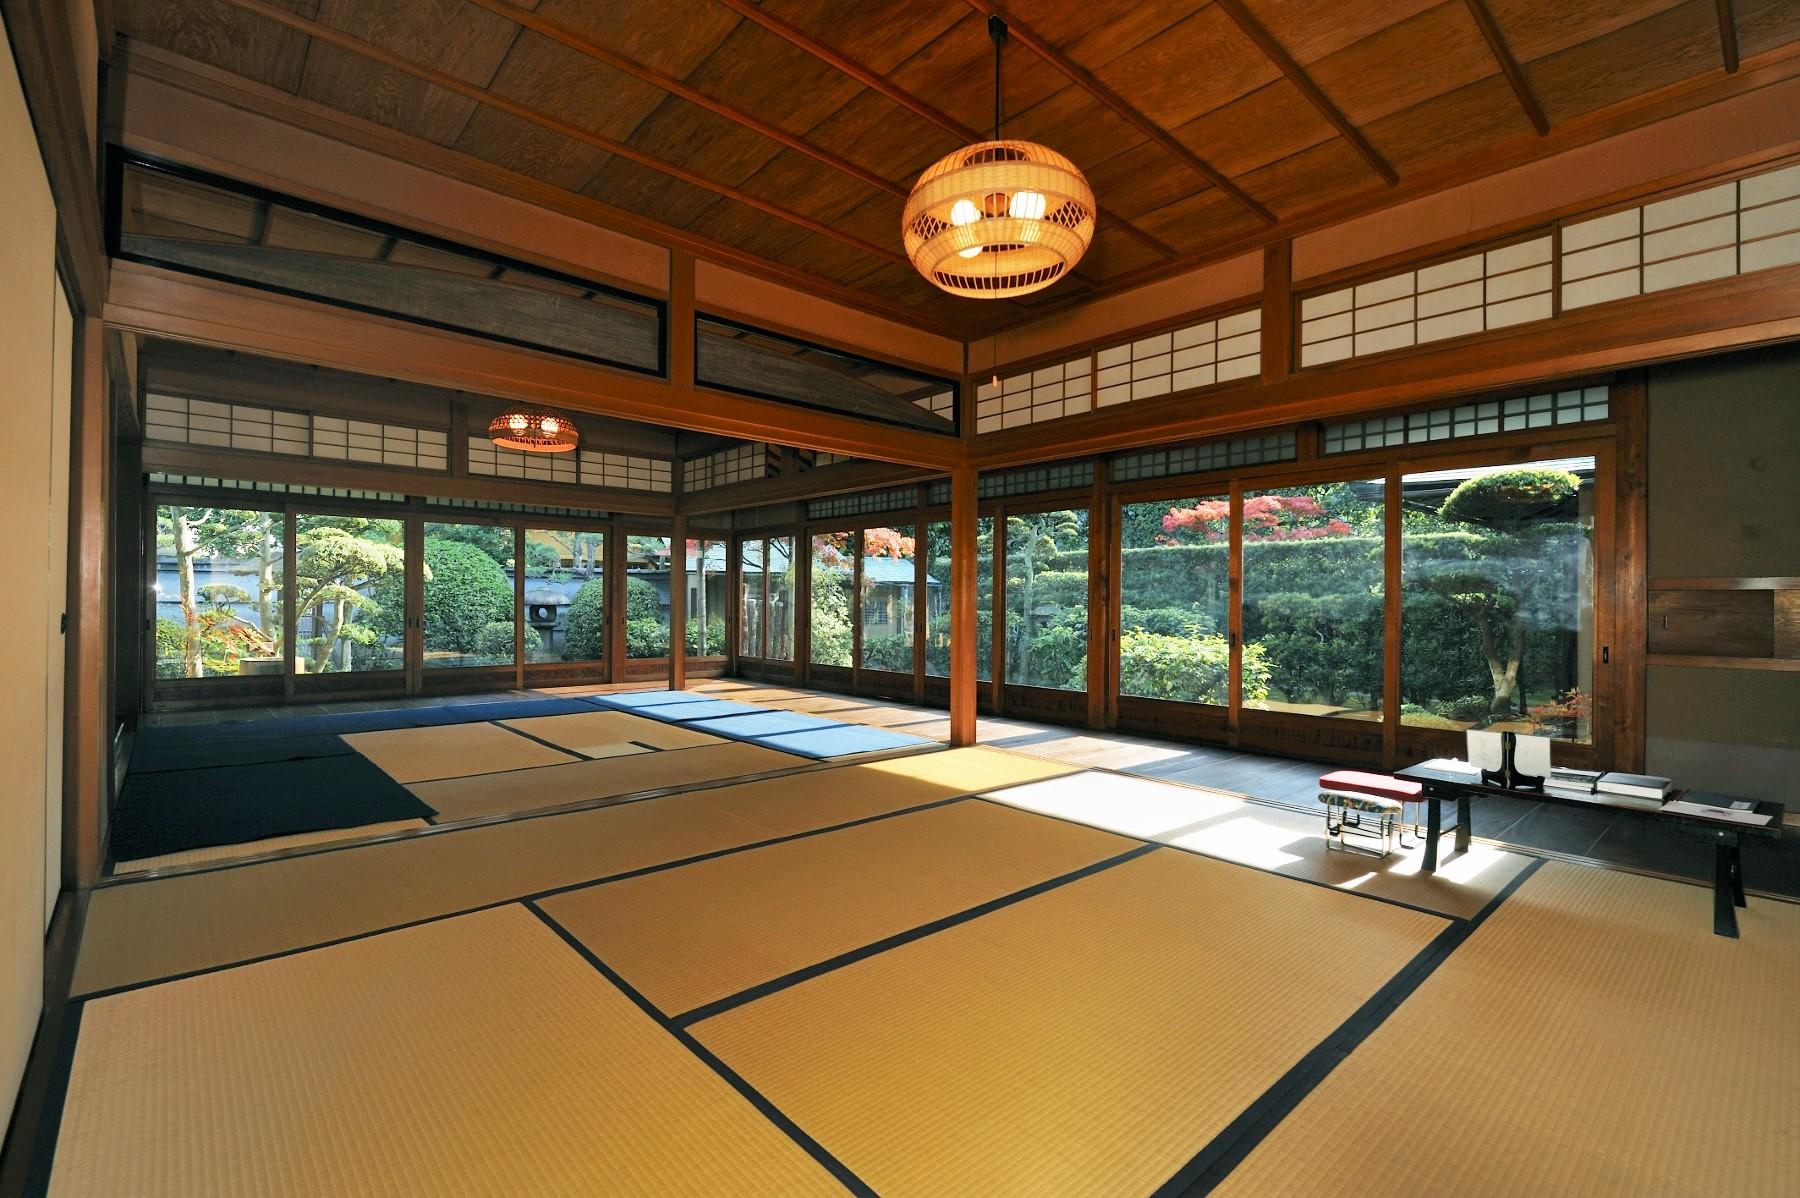 <p>次の間から座敷・縁・庭を眺める</p>長押が巡る竿天井。座敷の天井は杉柾、次の間は杉杢で竿の方向をかえる。庭園は奥行があり季節感を保つ。